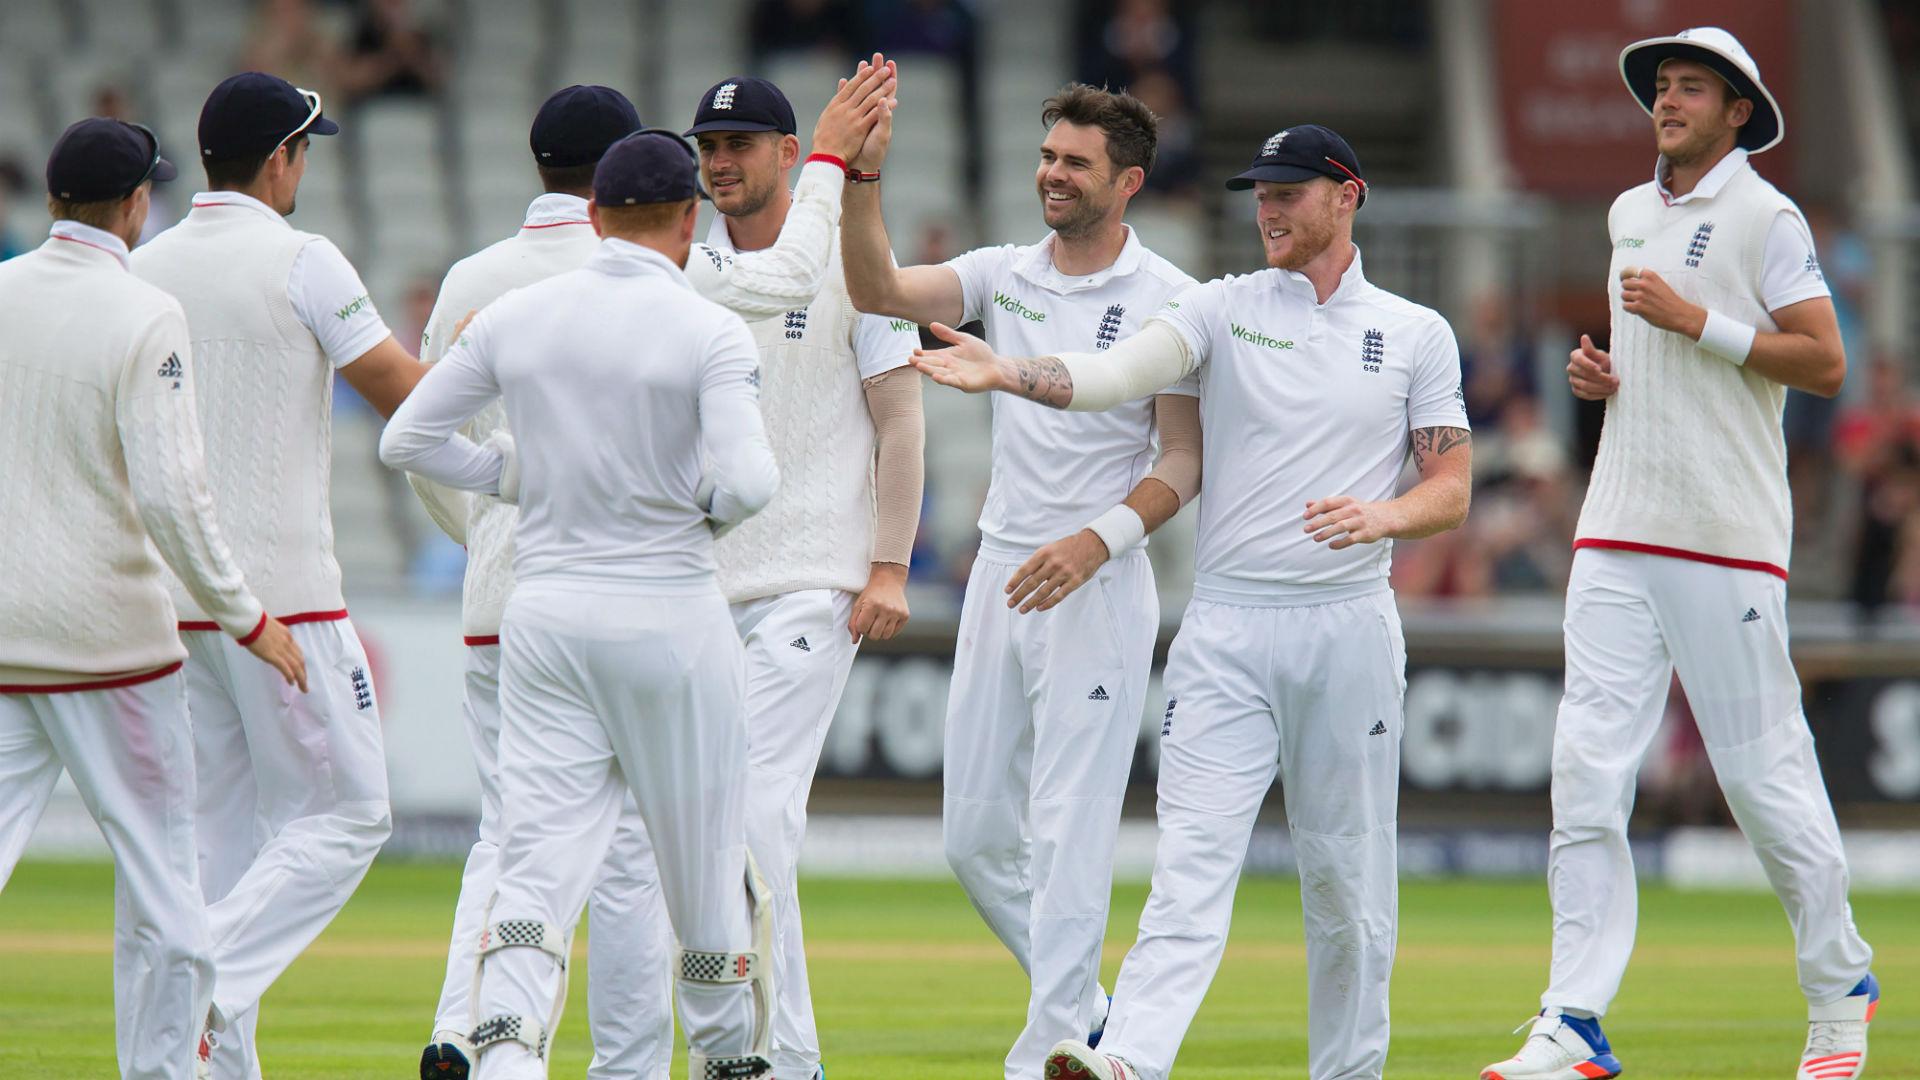 इंग्लैंड क्रिकेट बोर्ड ने विश्व कप के बाद होने वाली प्रमुख सीरीज का शेड्यूल जारी किया 1